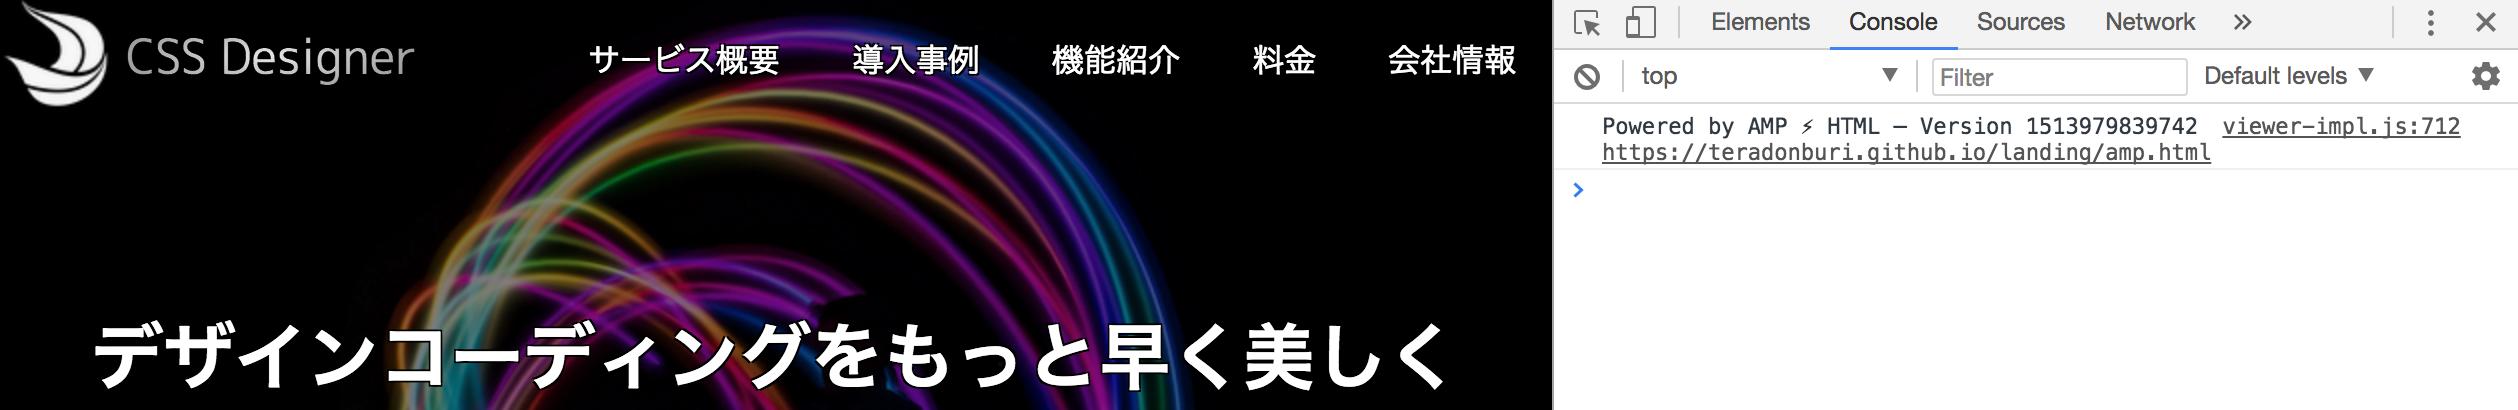 スクリーンショット 2018-01-02 15.06.48.png